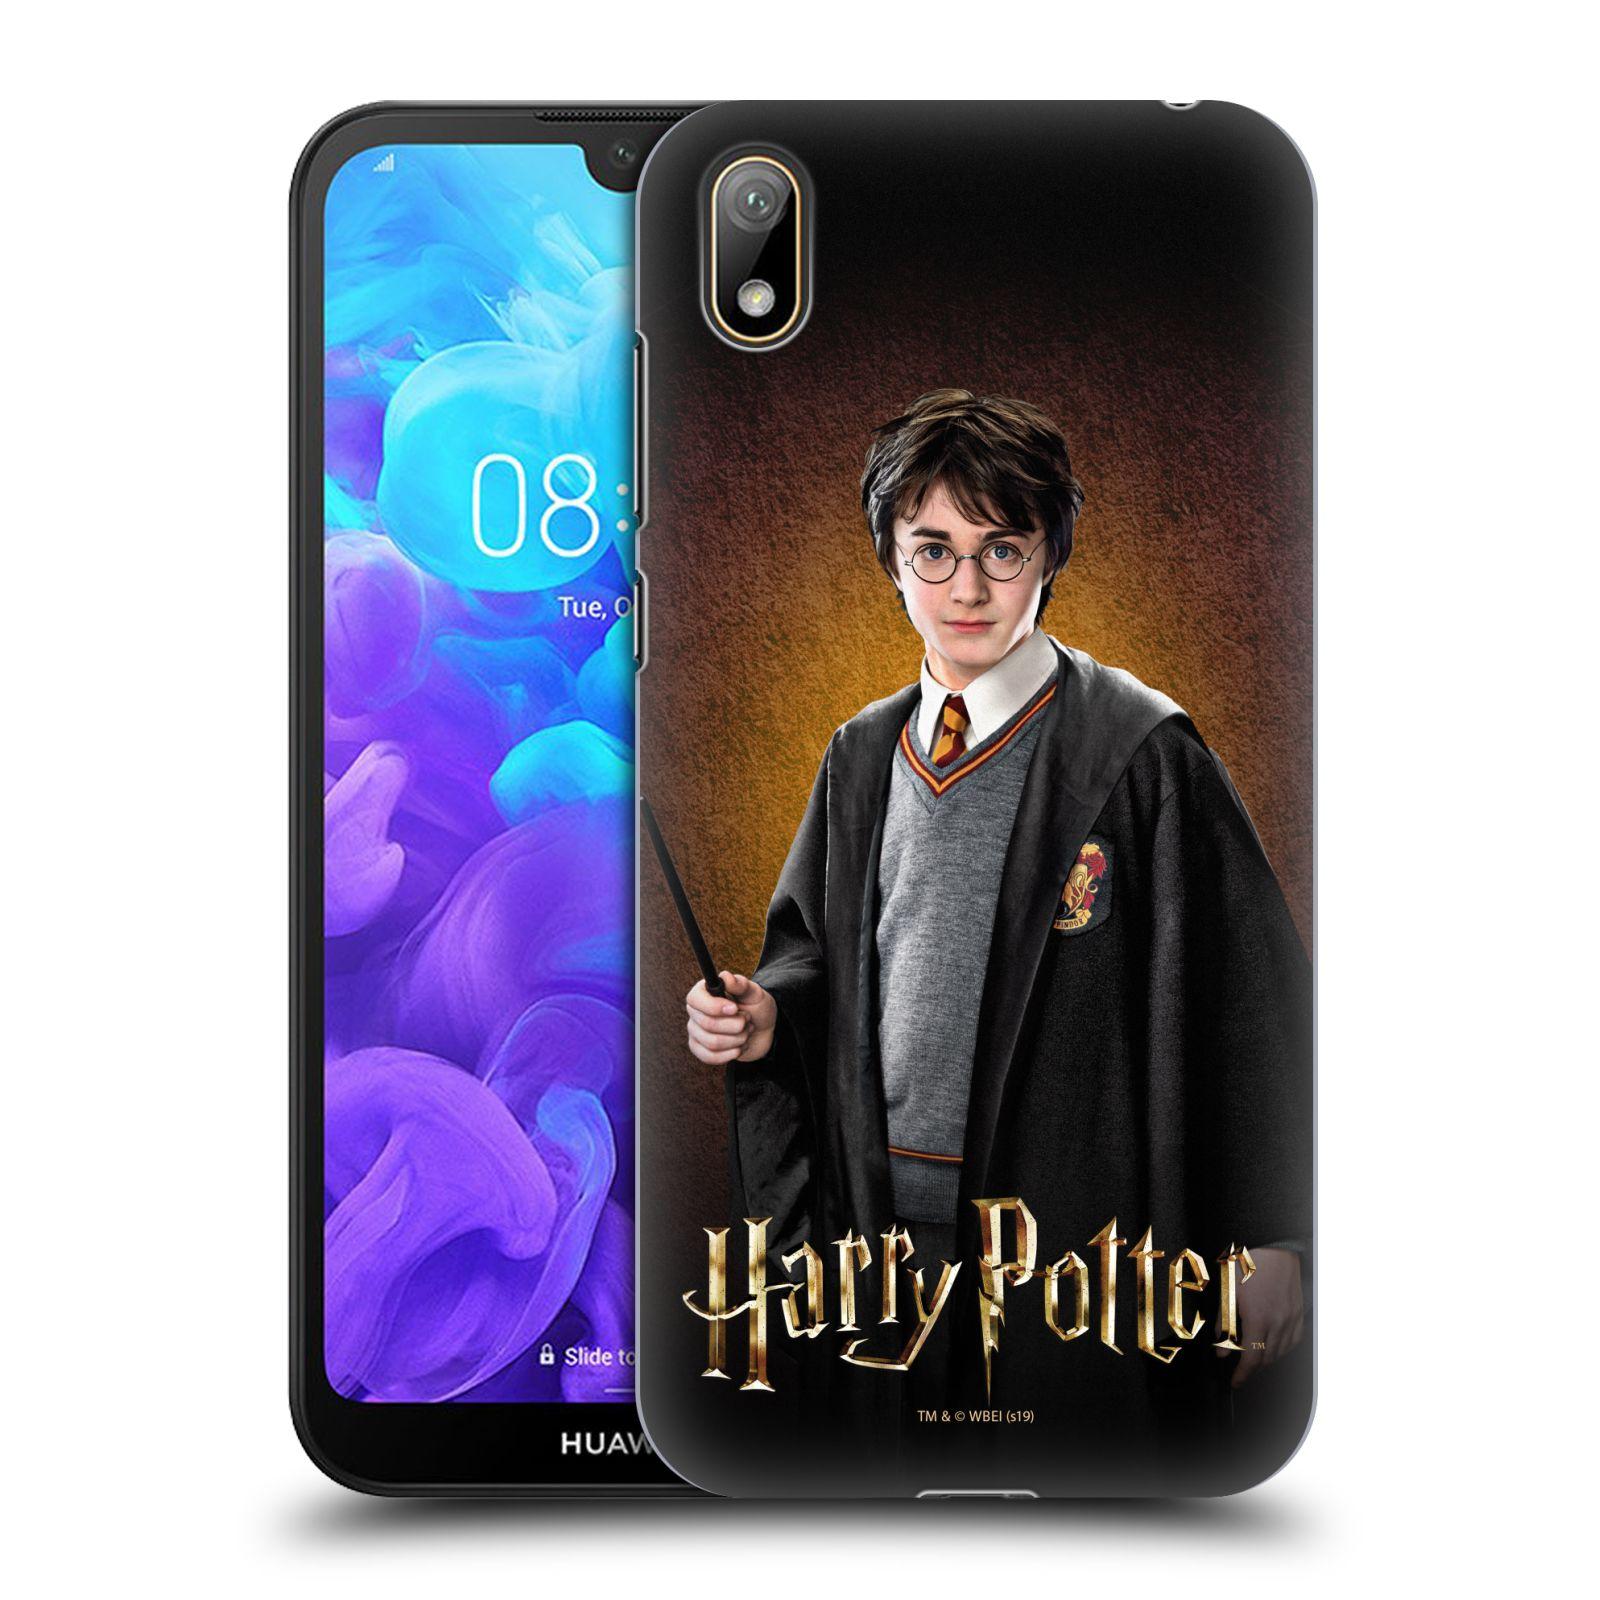 Plastové pouzdro na mobil Honor 8S - Harry Potter - Malý Harry Potter